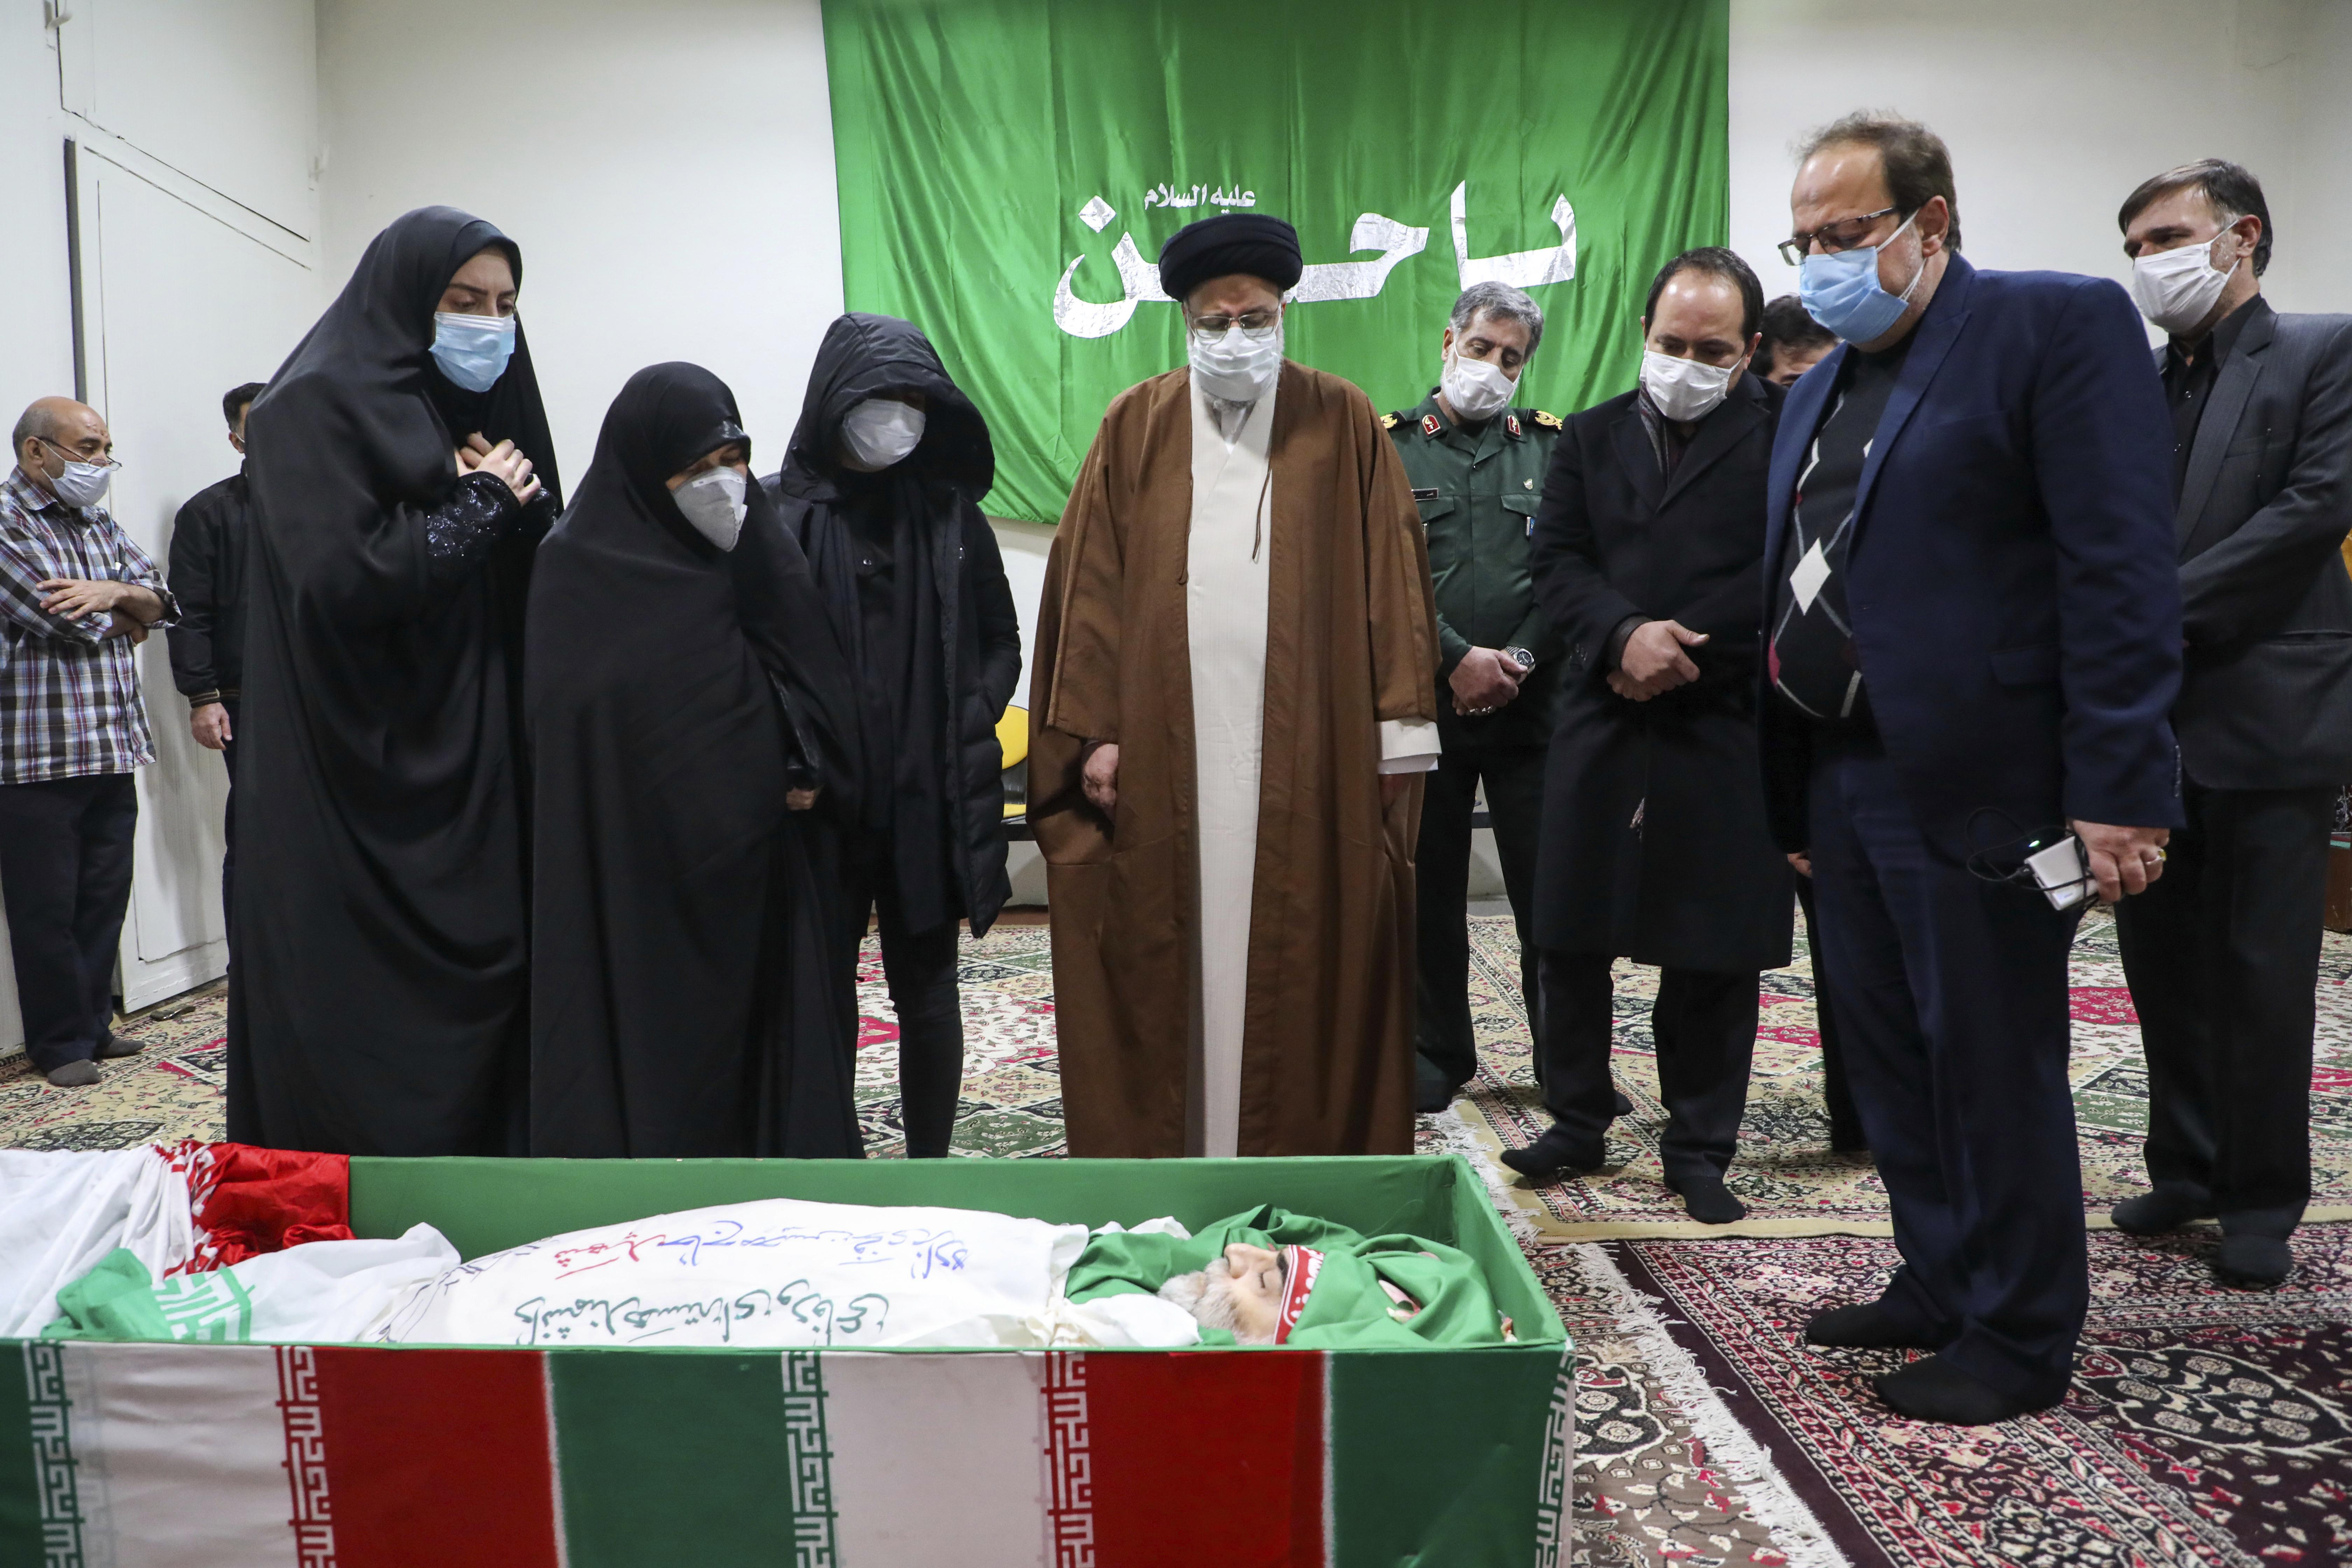 """""""Опасные игры"""". В Совфеде заявили, что убийство иранского физика-ядерщика может стать поводом для США начать войну на Ближнем Востоке"""